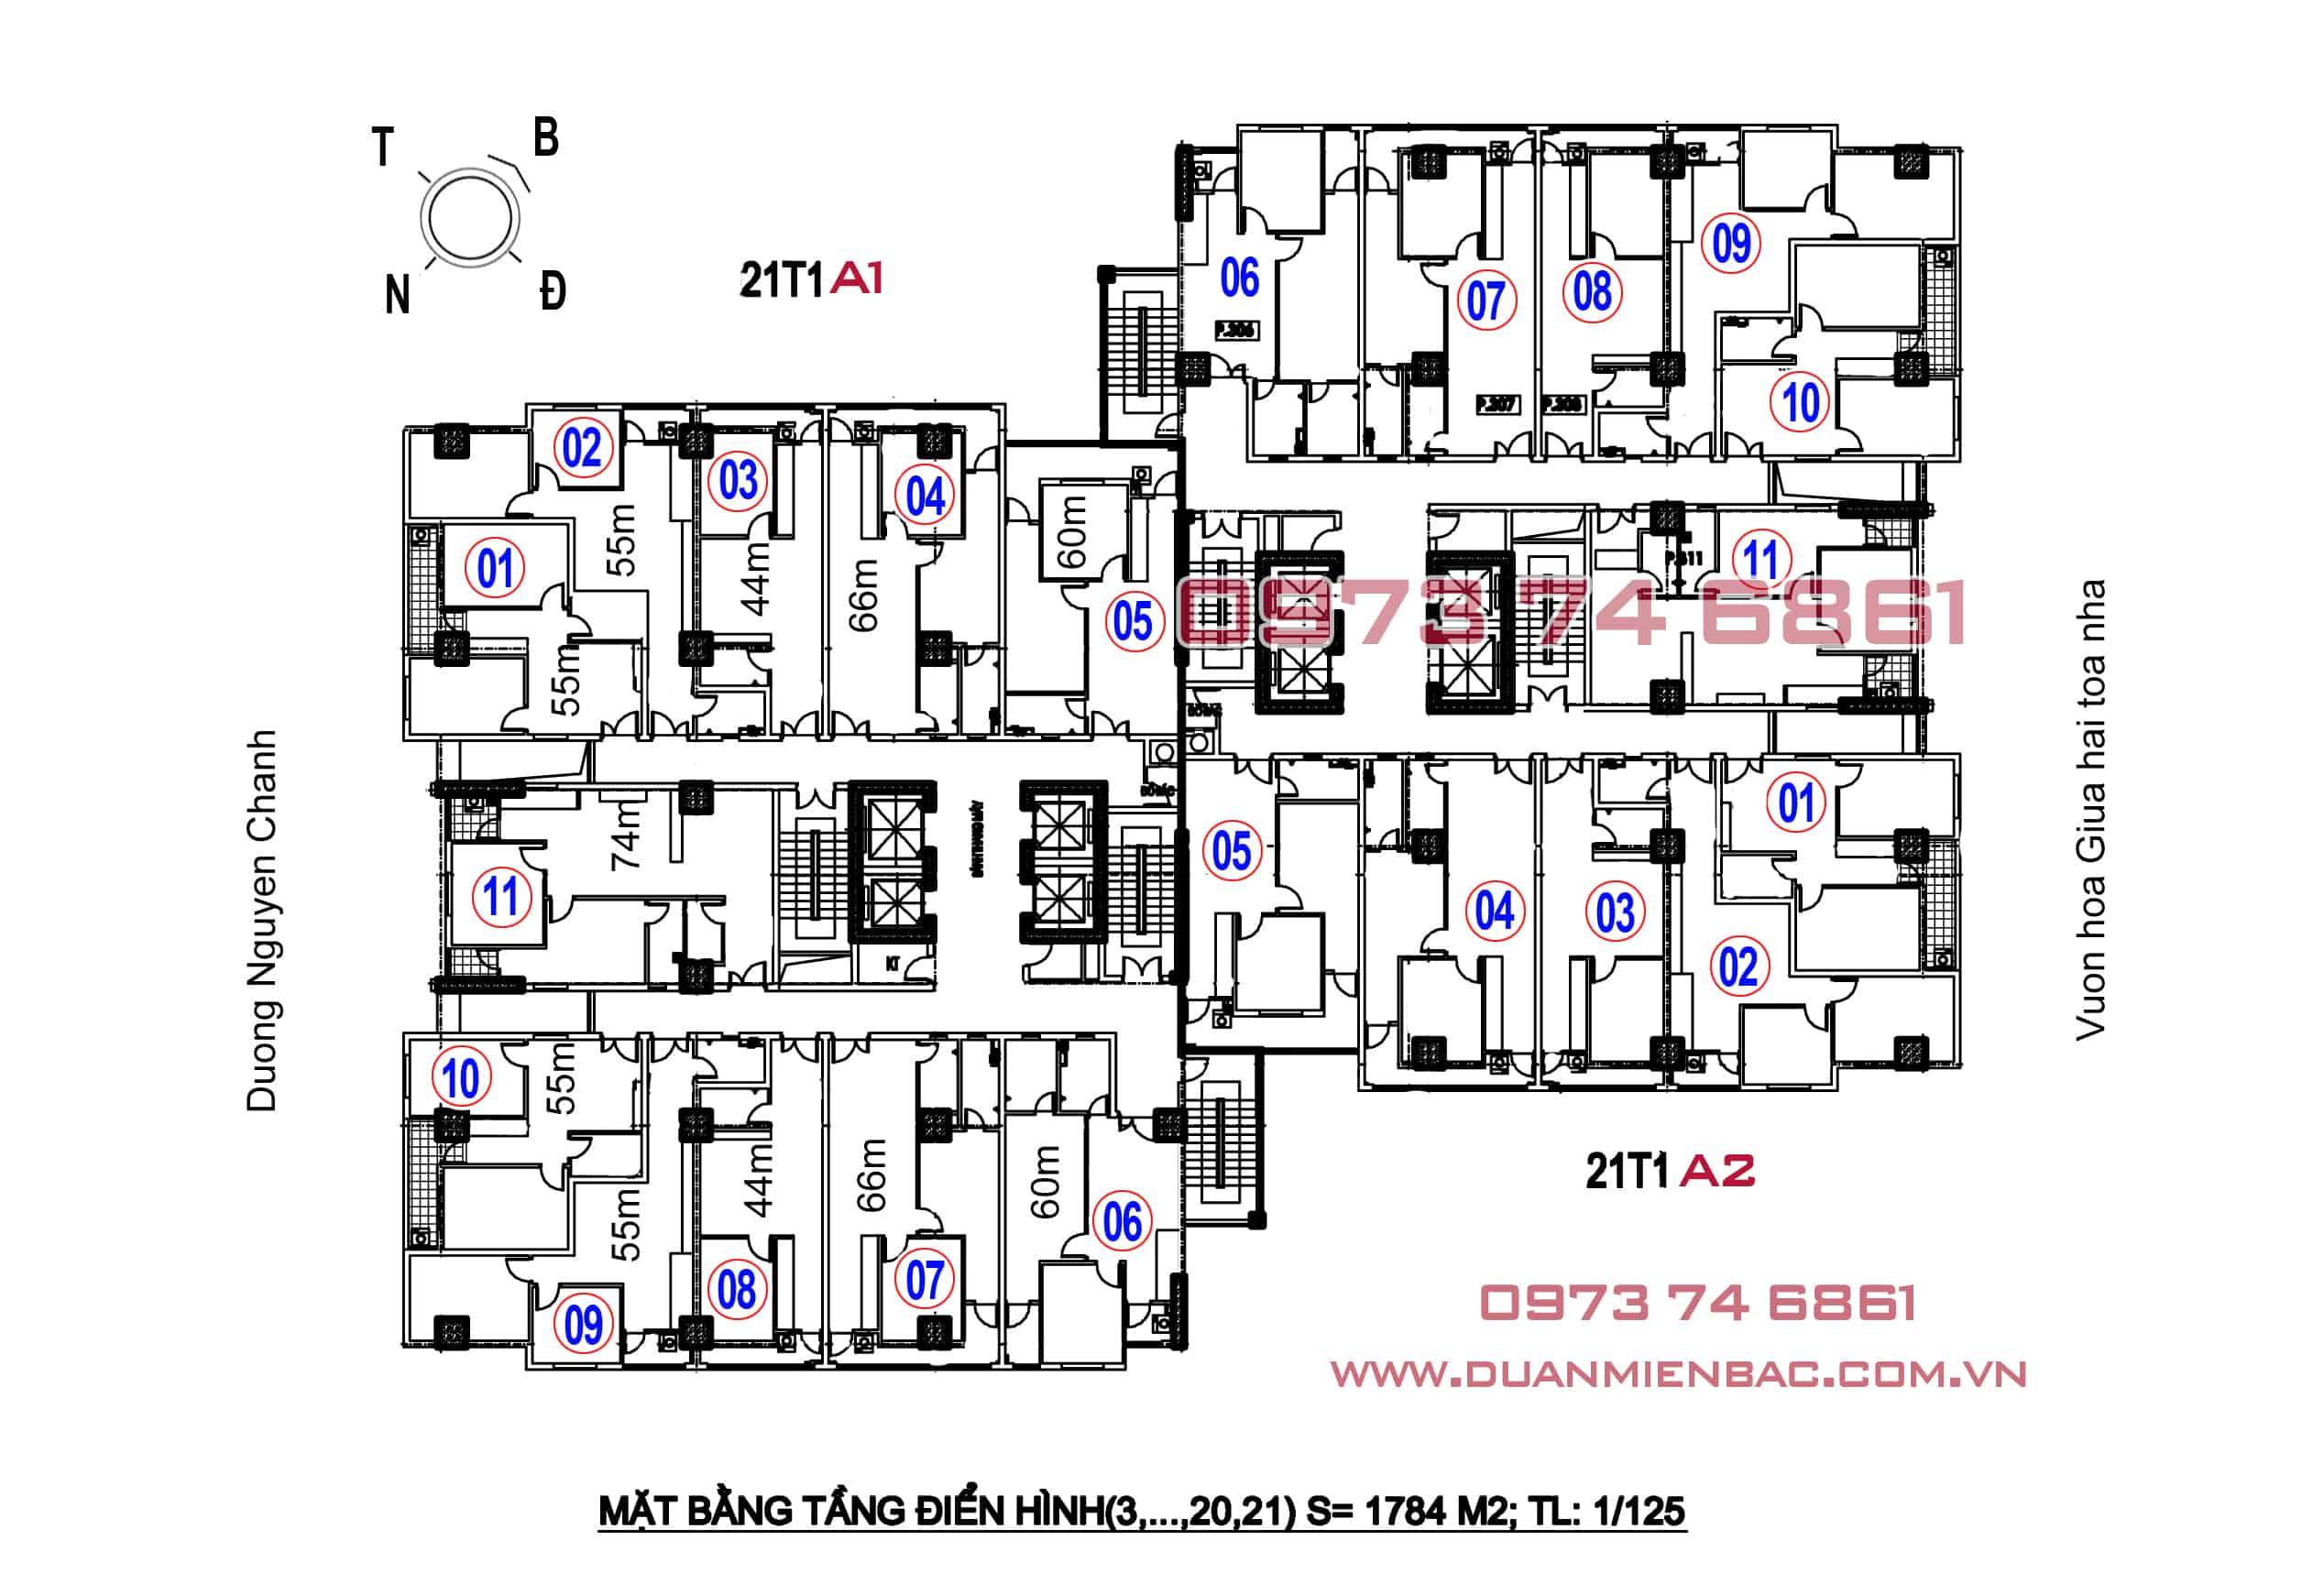 Mặt bằng căn hộ A14 Nam Trung Yên